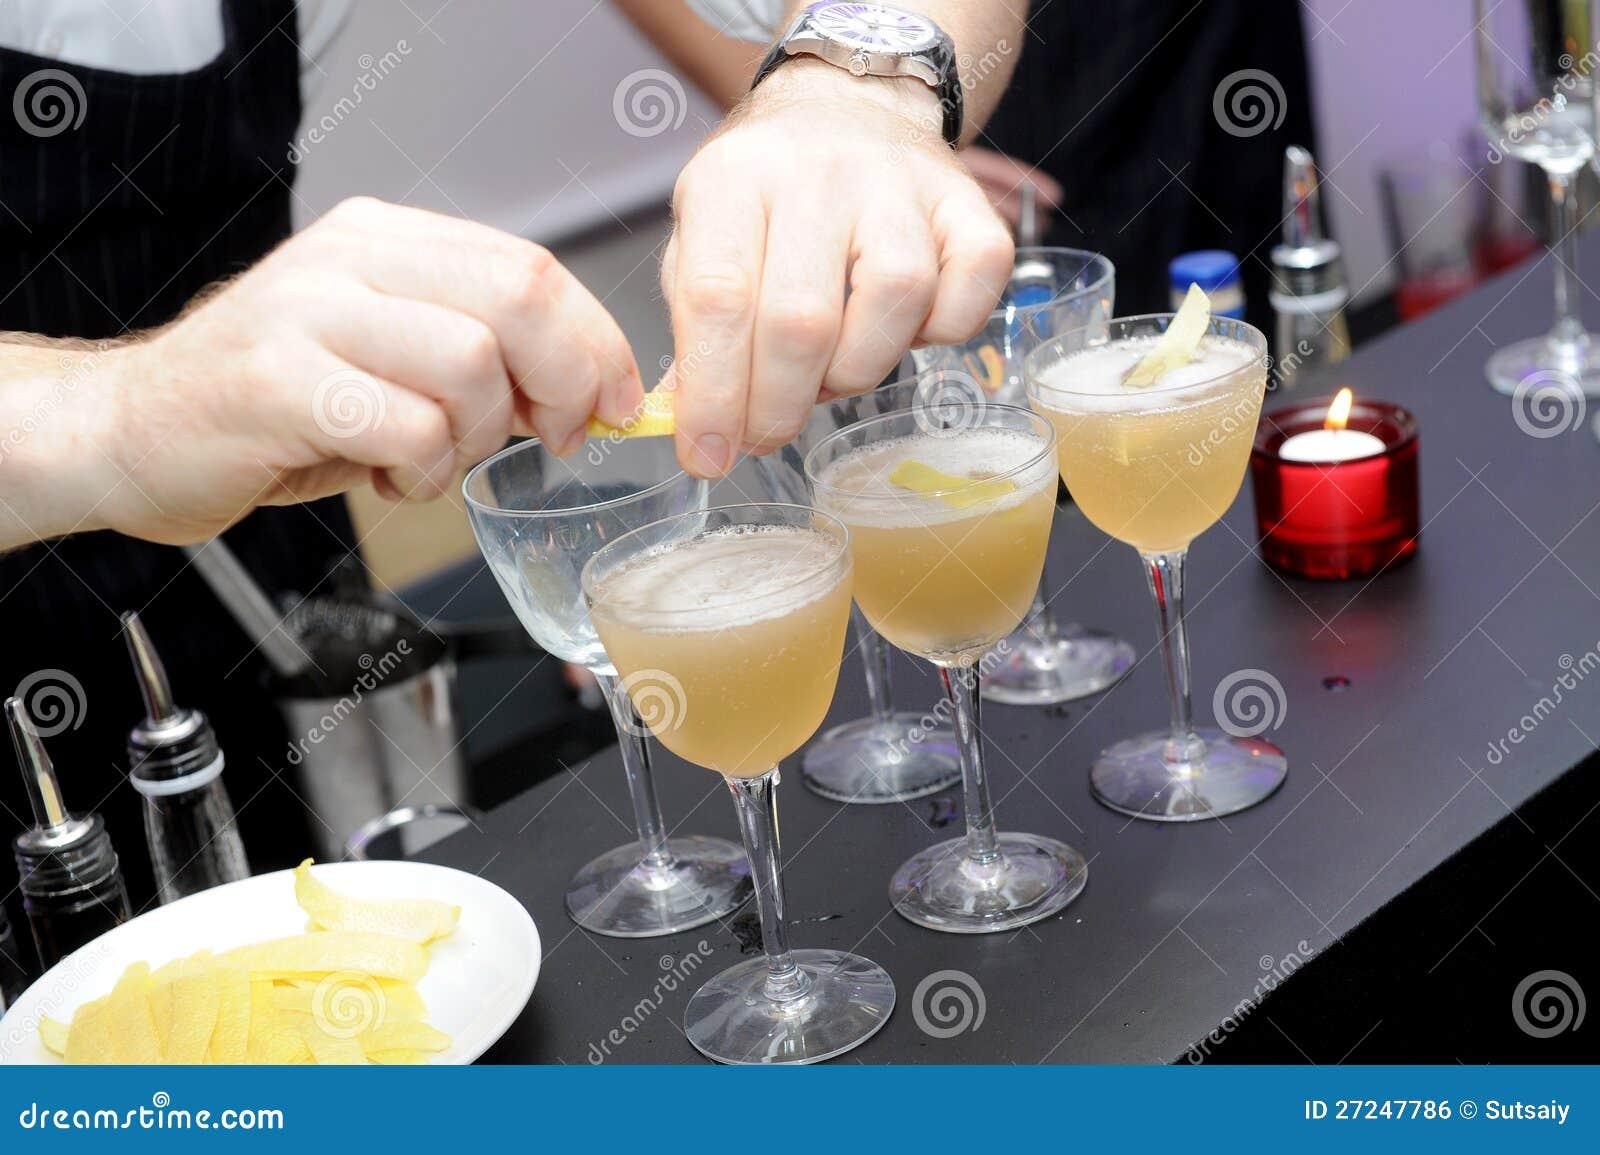 Barkellner bereiten coctail Getränk vor